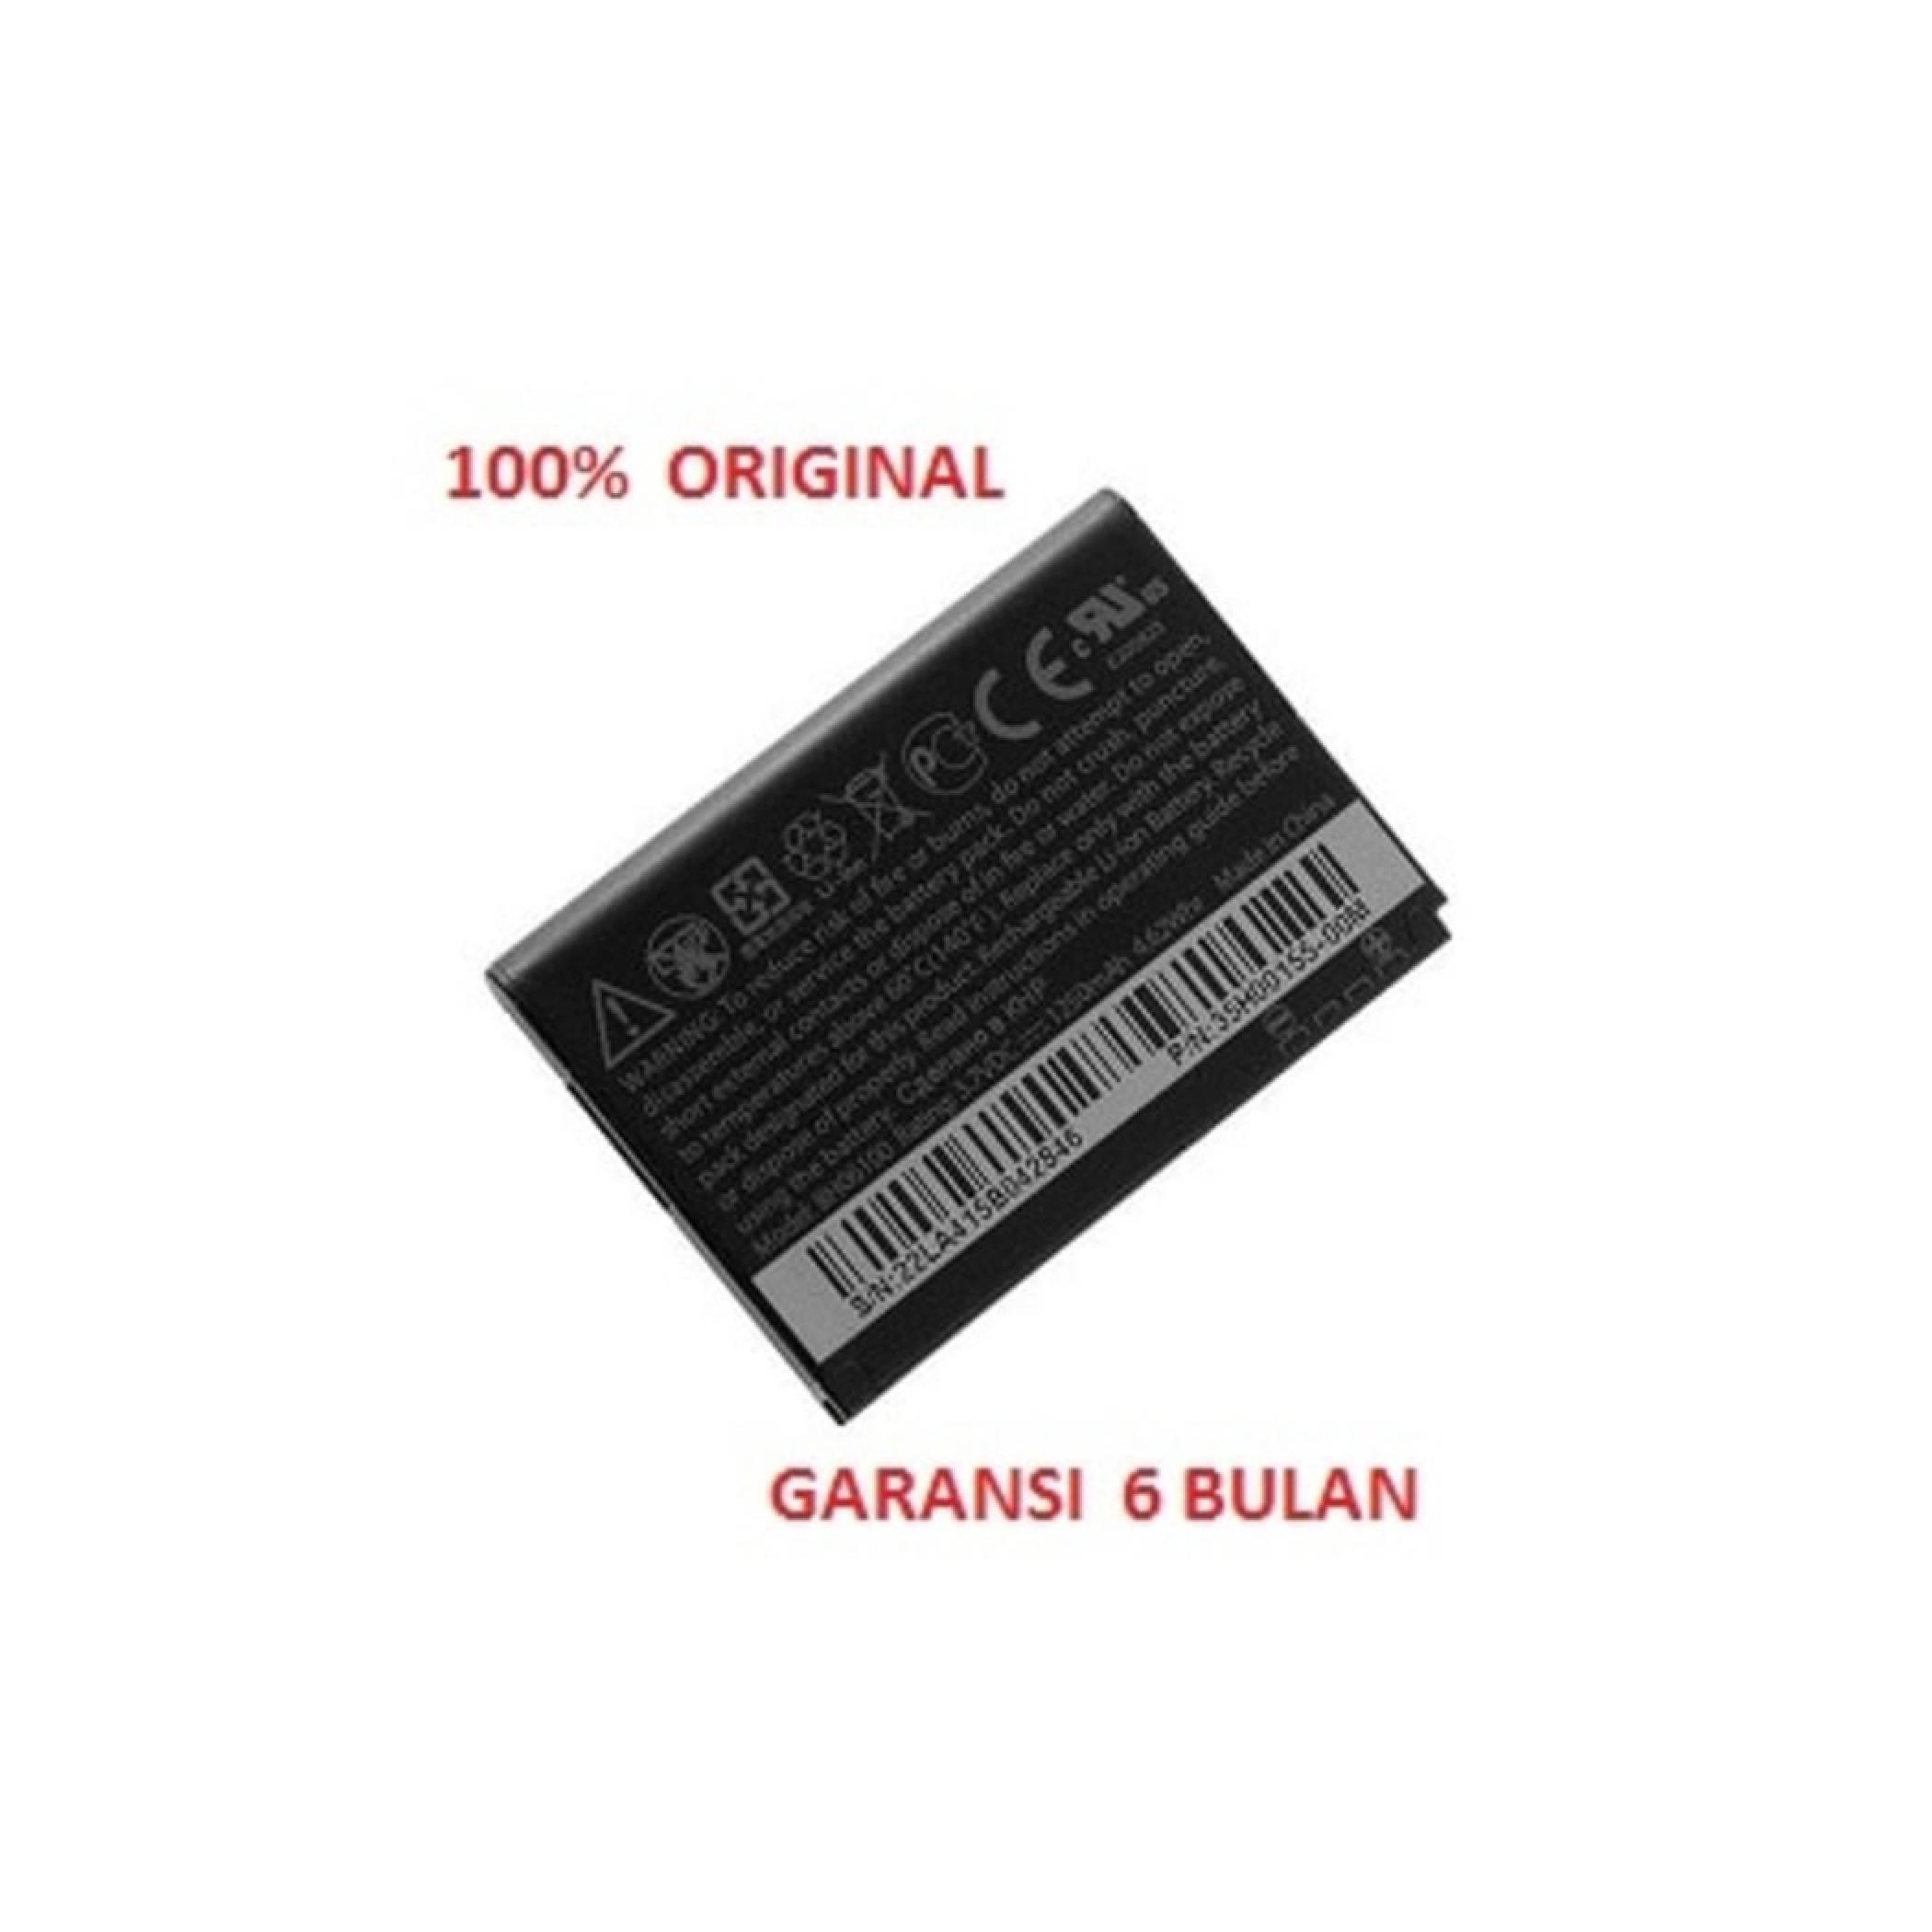 100% ORIGINAL Battery HTC BH06100 / Chacha, Status